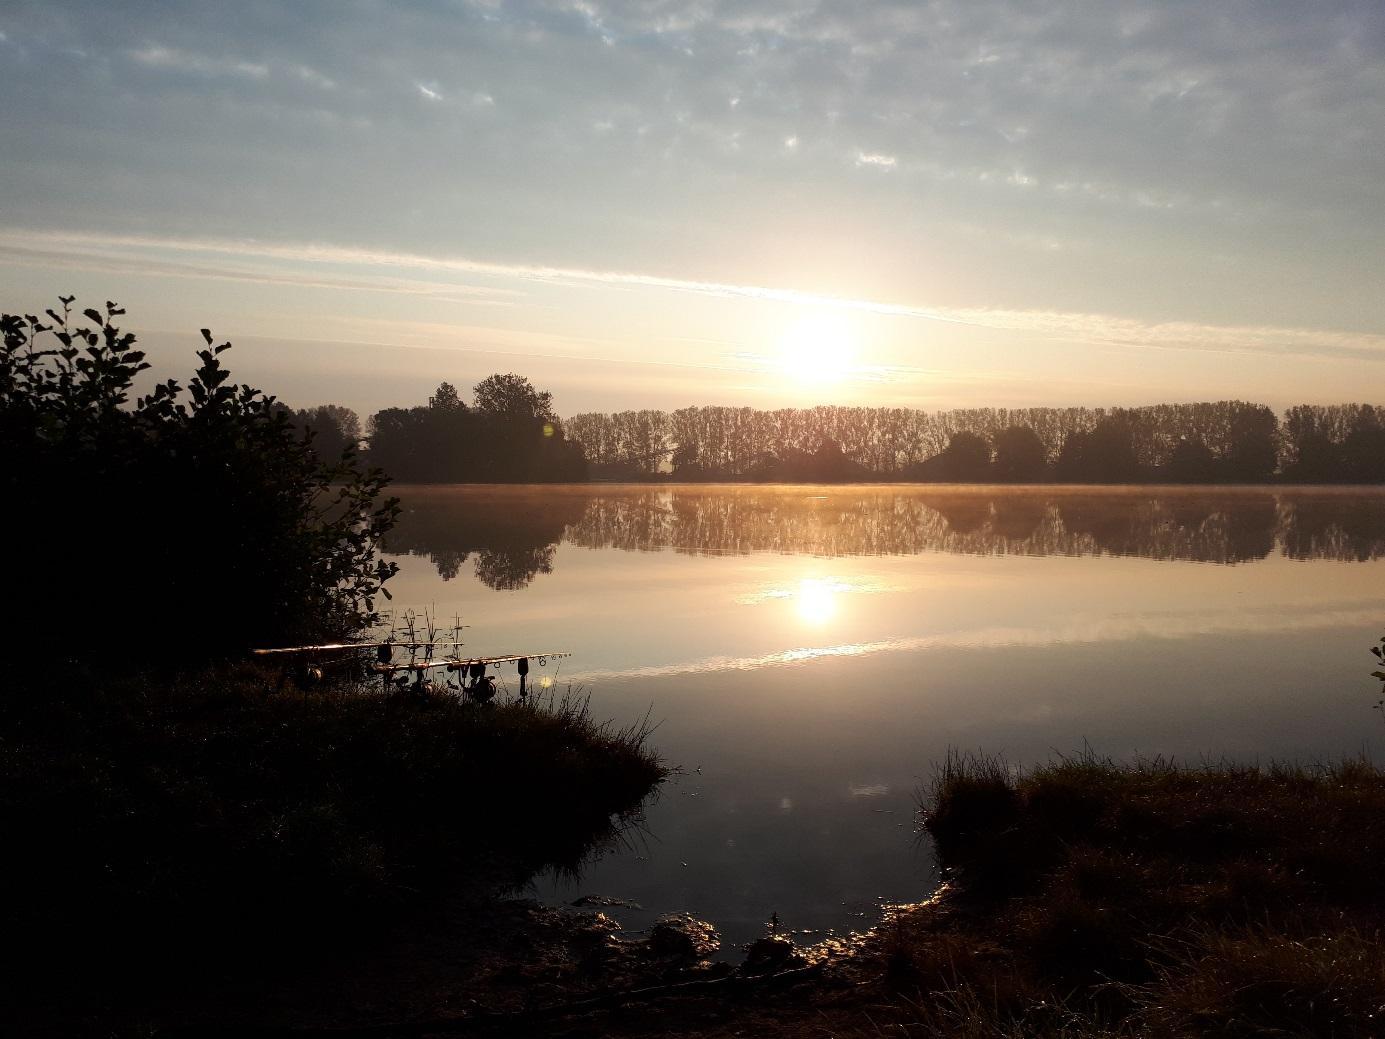 Tiefer Baggersee im Herbst - hier können große Futtermengen zum Karpfenangeln eingebracht werden